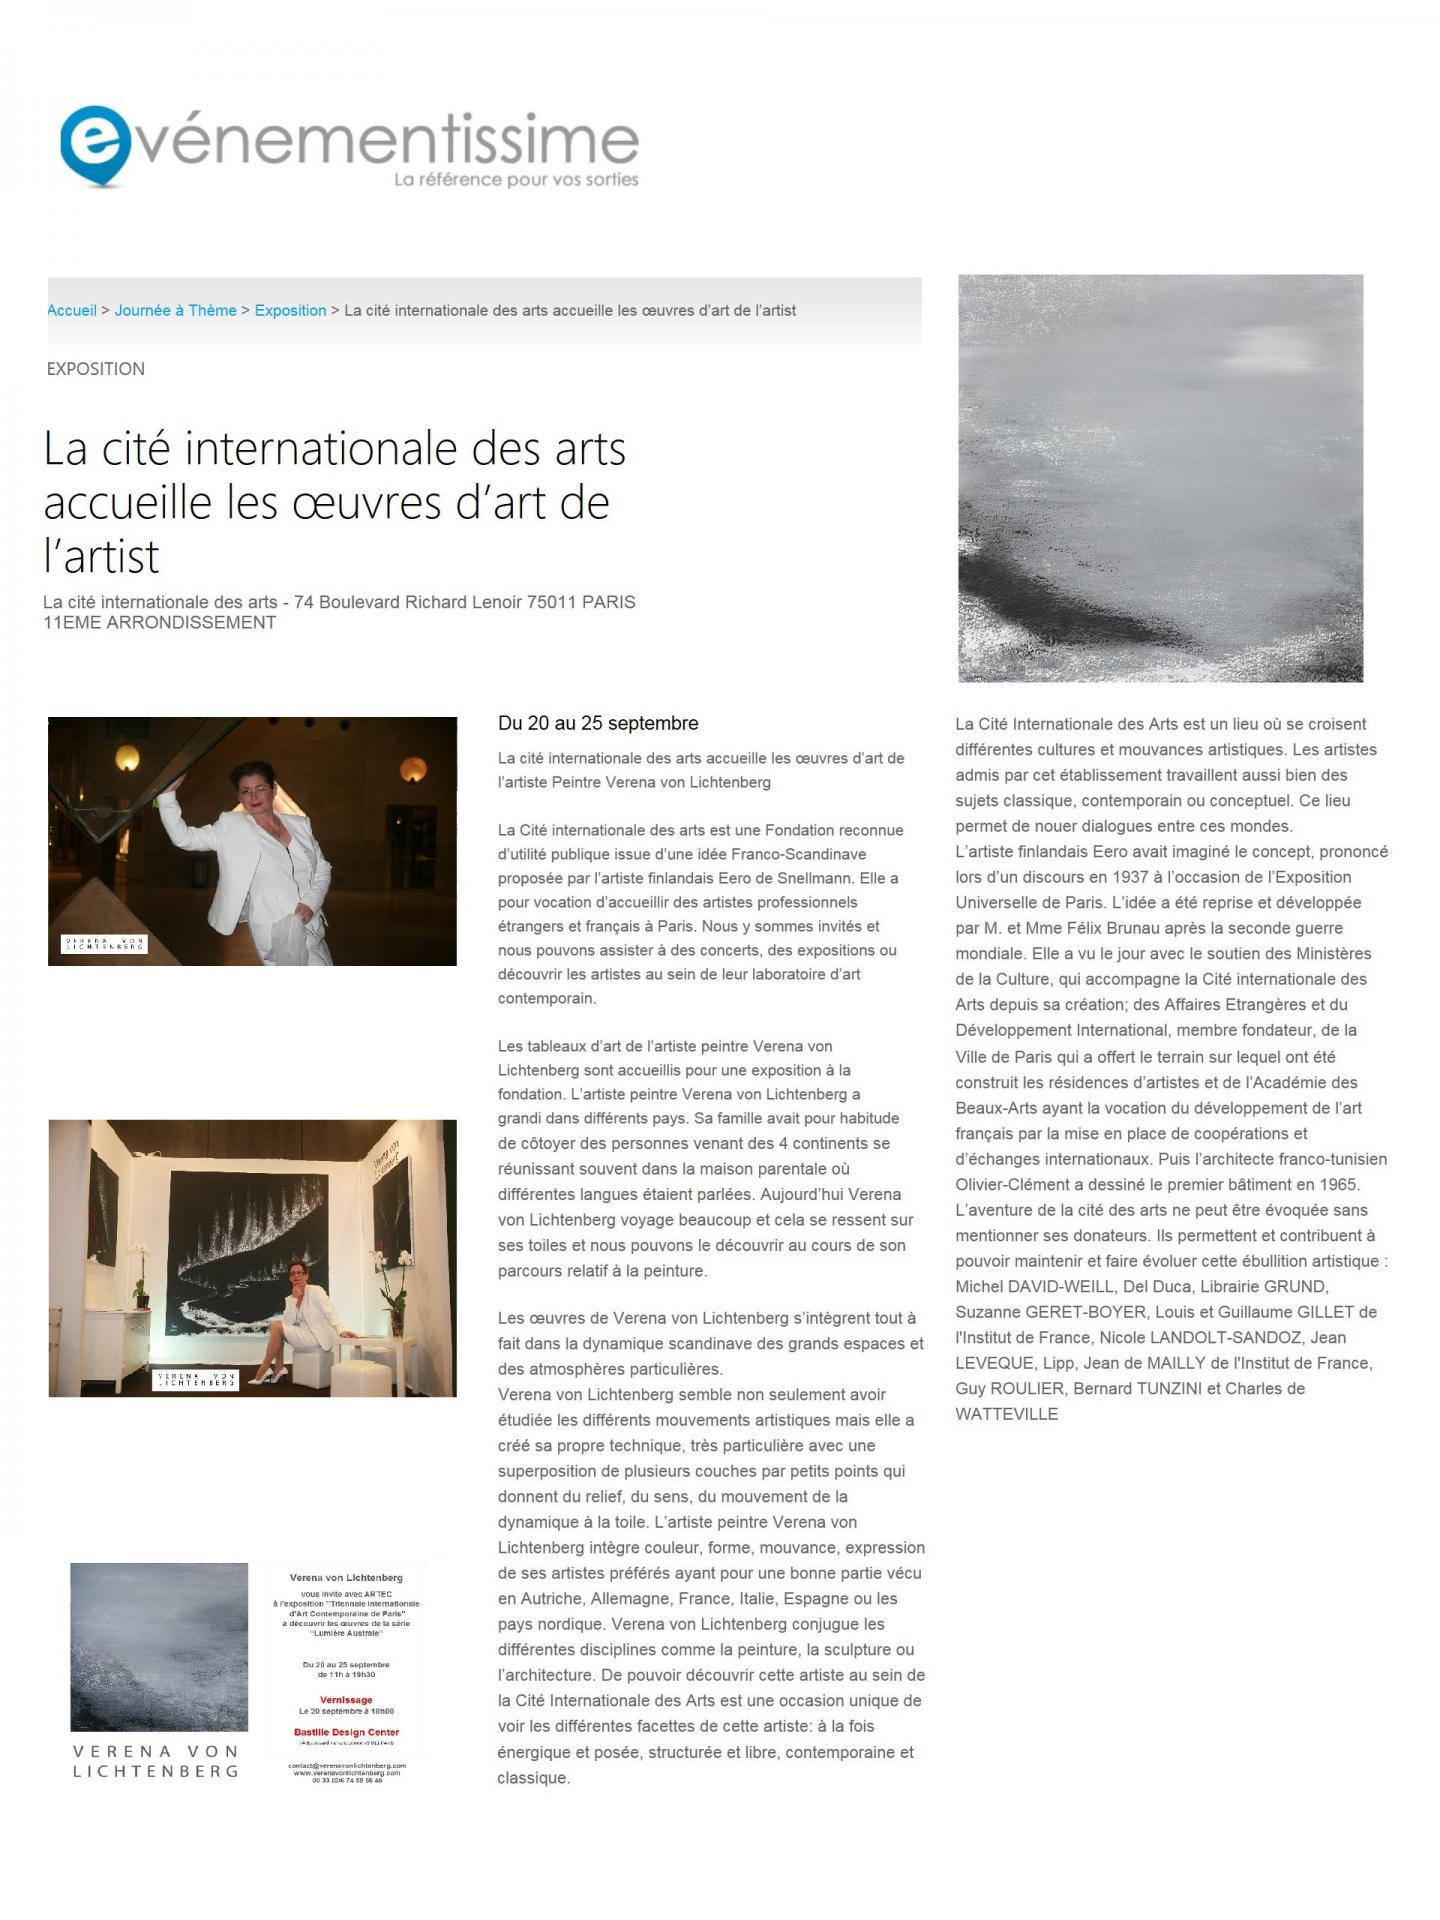 Artiste peintre a paris verena von lichtenberg a la cite internationale des arts exposition d art contemporaine tableaux toiles et oeuvres d art a paris naew york tokyo moscou